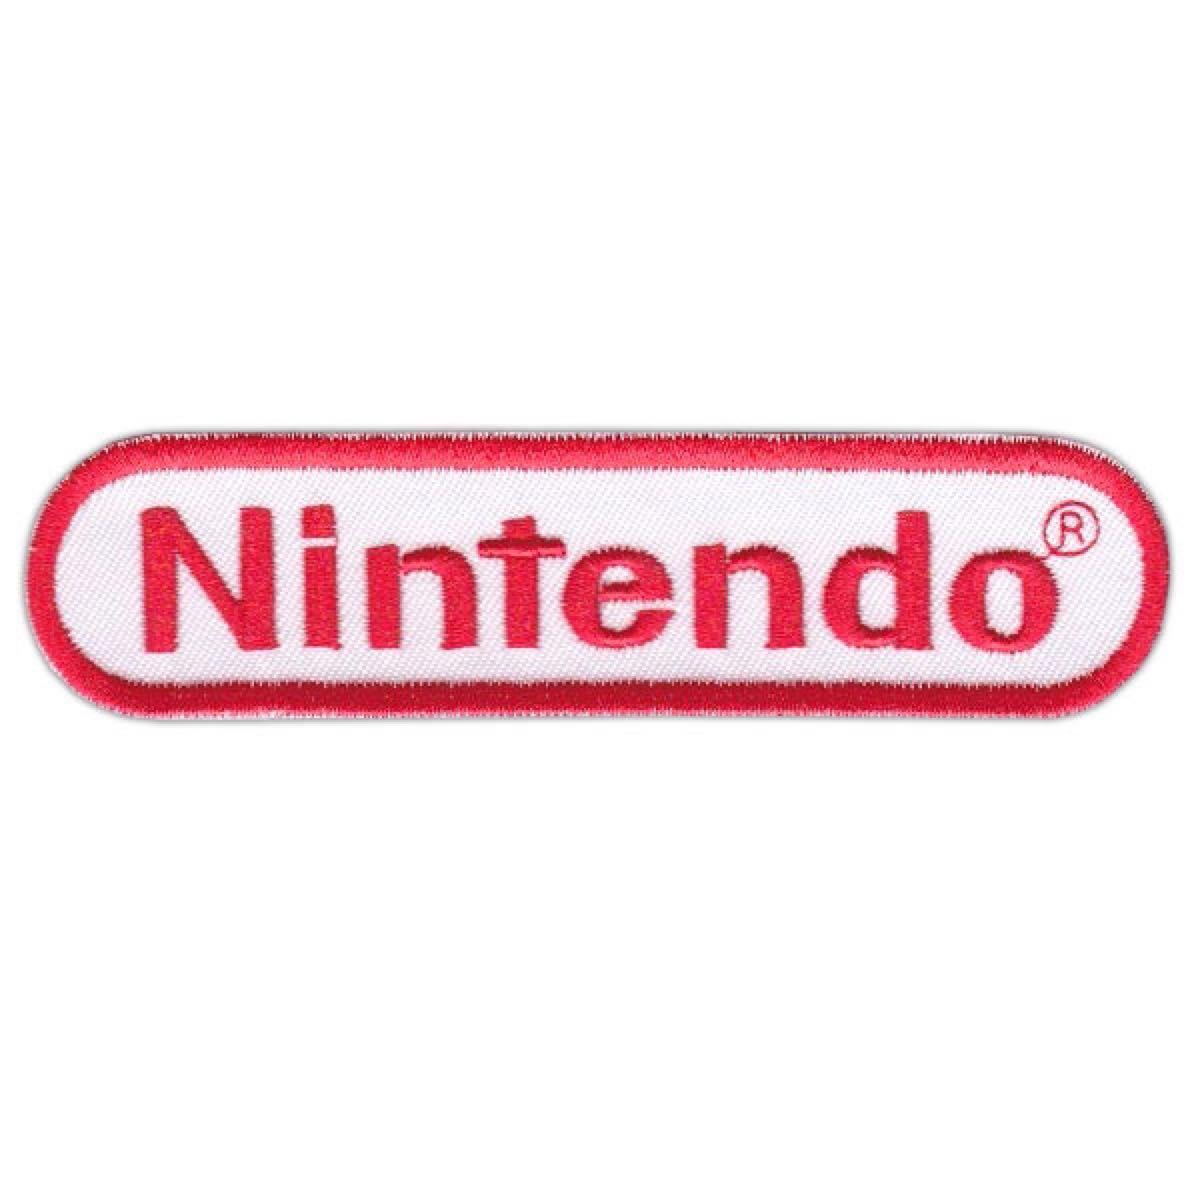 任天堂(Nintendo)■ワッペン■白赤*3枚